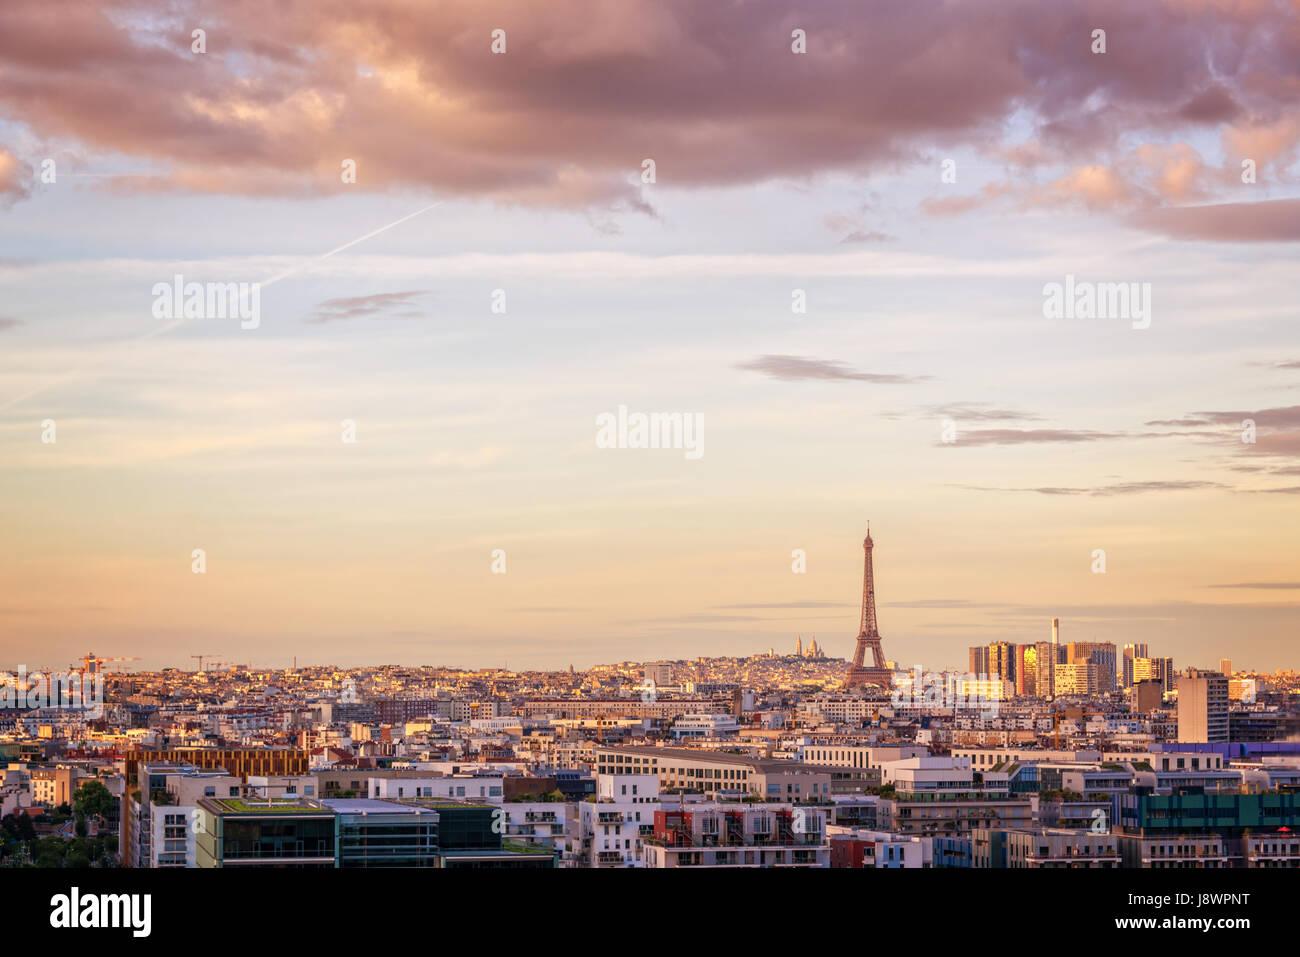 Malerische Luftaufnahme von Paris mit dem Eiffelturm bei Sonnenuntergang, Montmartre im Hintergrund, Frankreich Stockbild